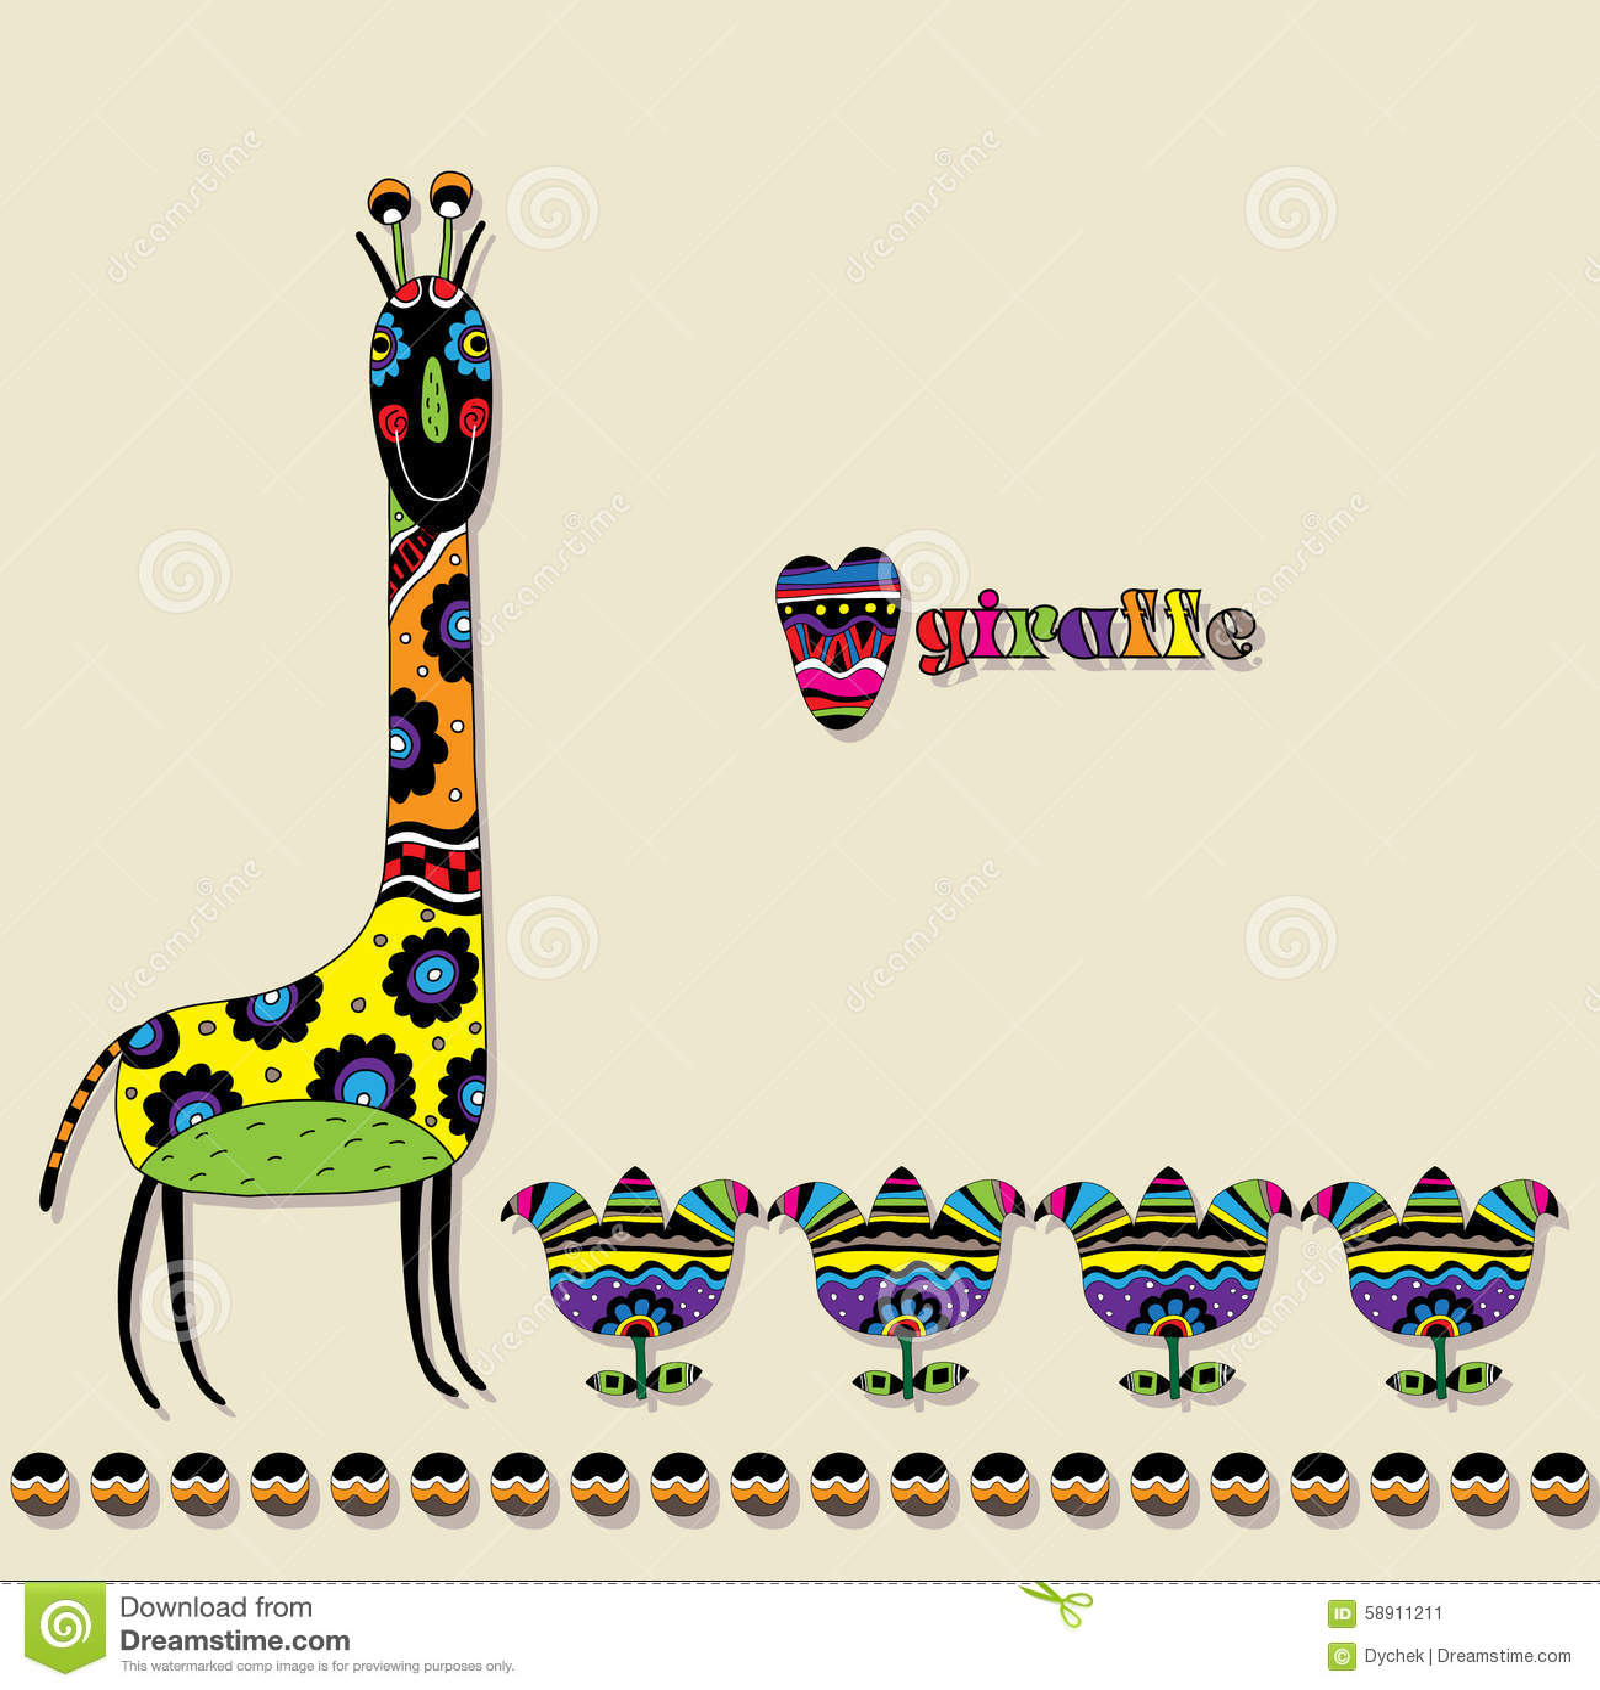 kopierte giraffe mit blumen und einer aufschrift auf englisch vektor abbildung bild 58911211. Black Bedroom Furniture Sets. Home Design Ideas